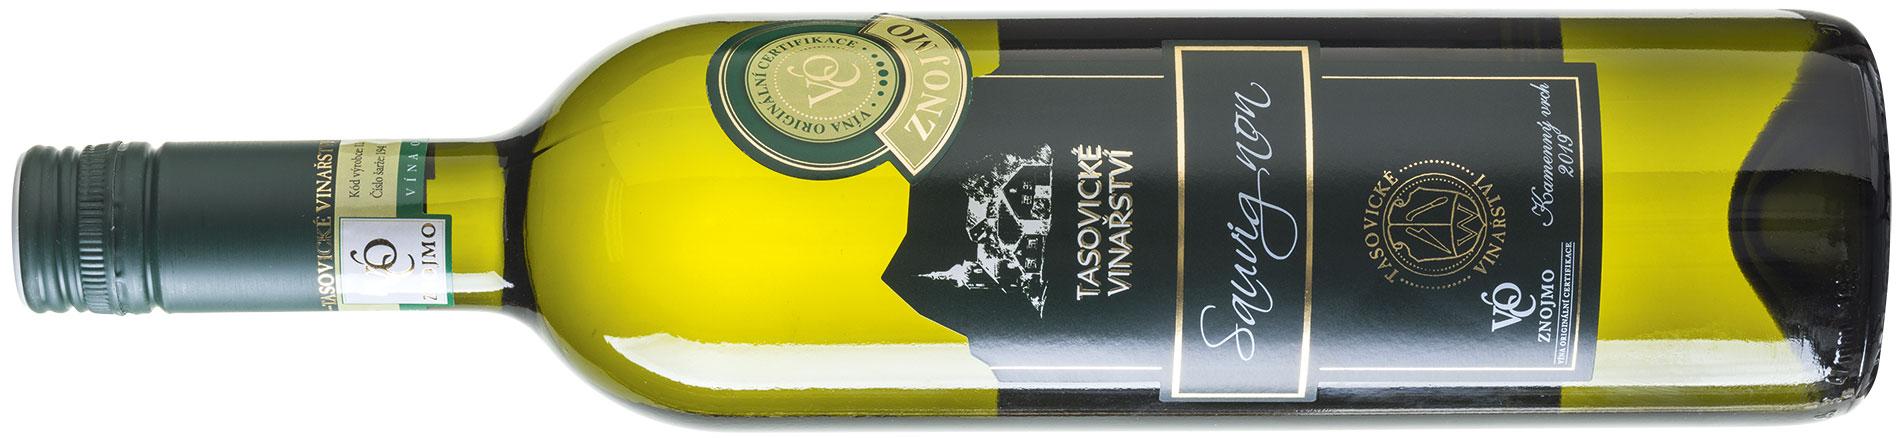 Tasovické vinařství